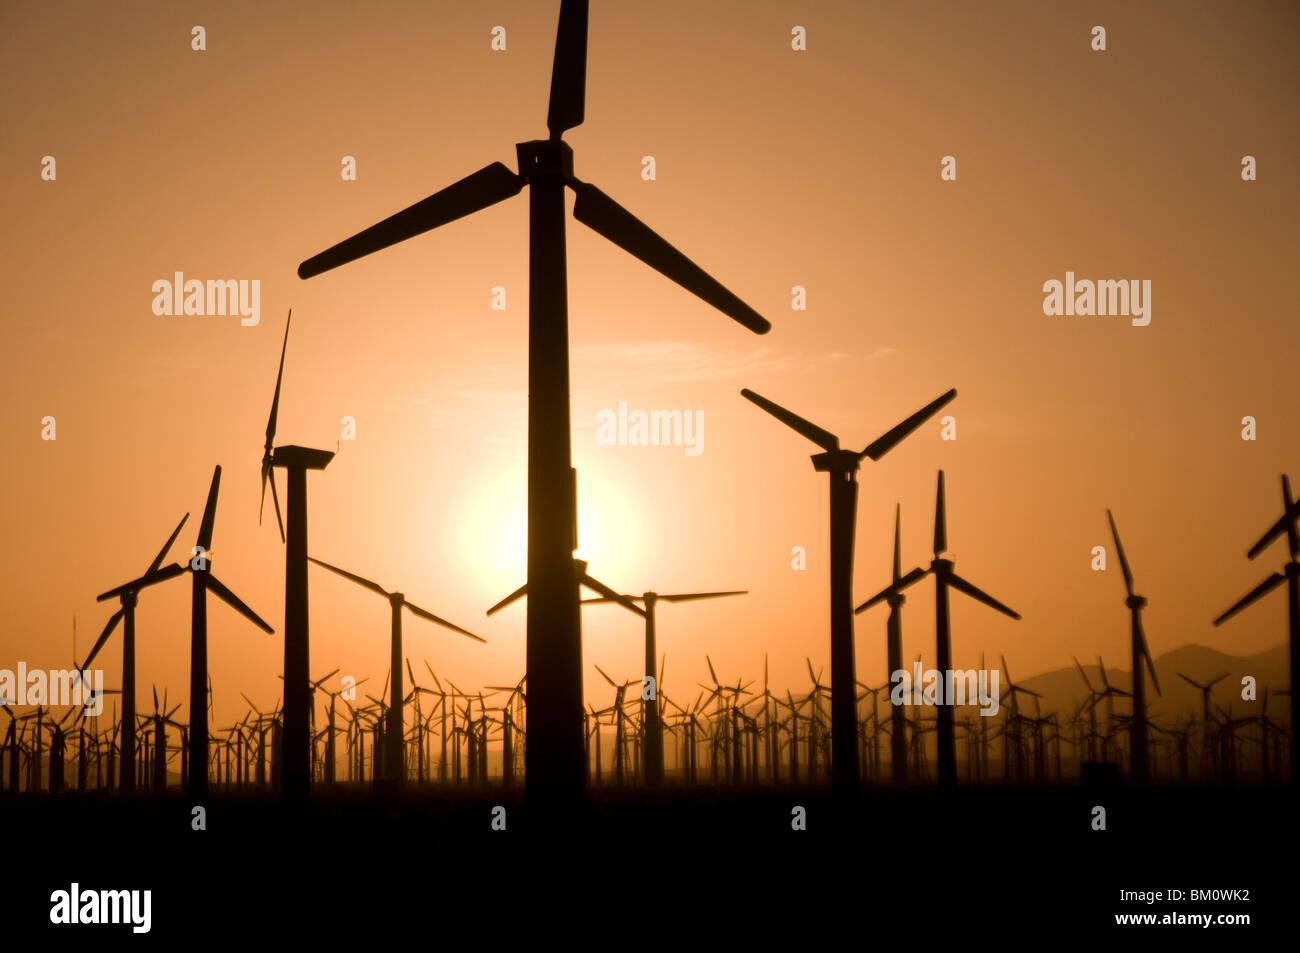 Windmill Farm bei Sonnenuntergang in Palm Springs Coachella Valley südlichen Kalifornien USA Stockbild